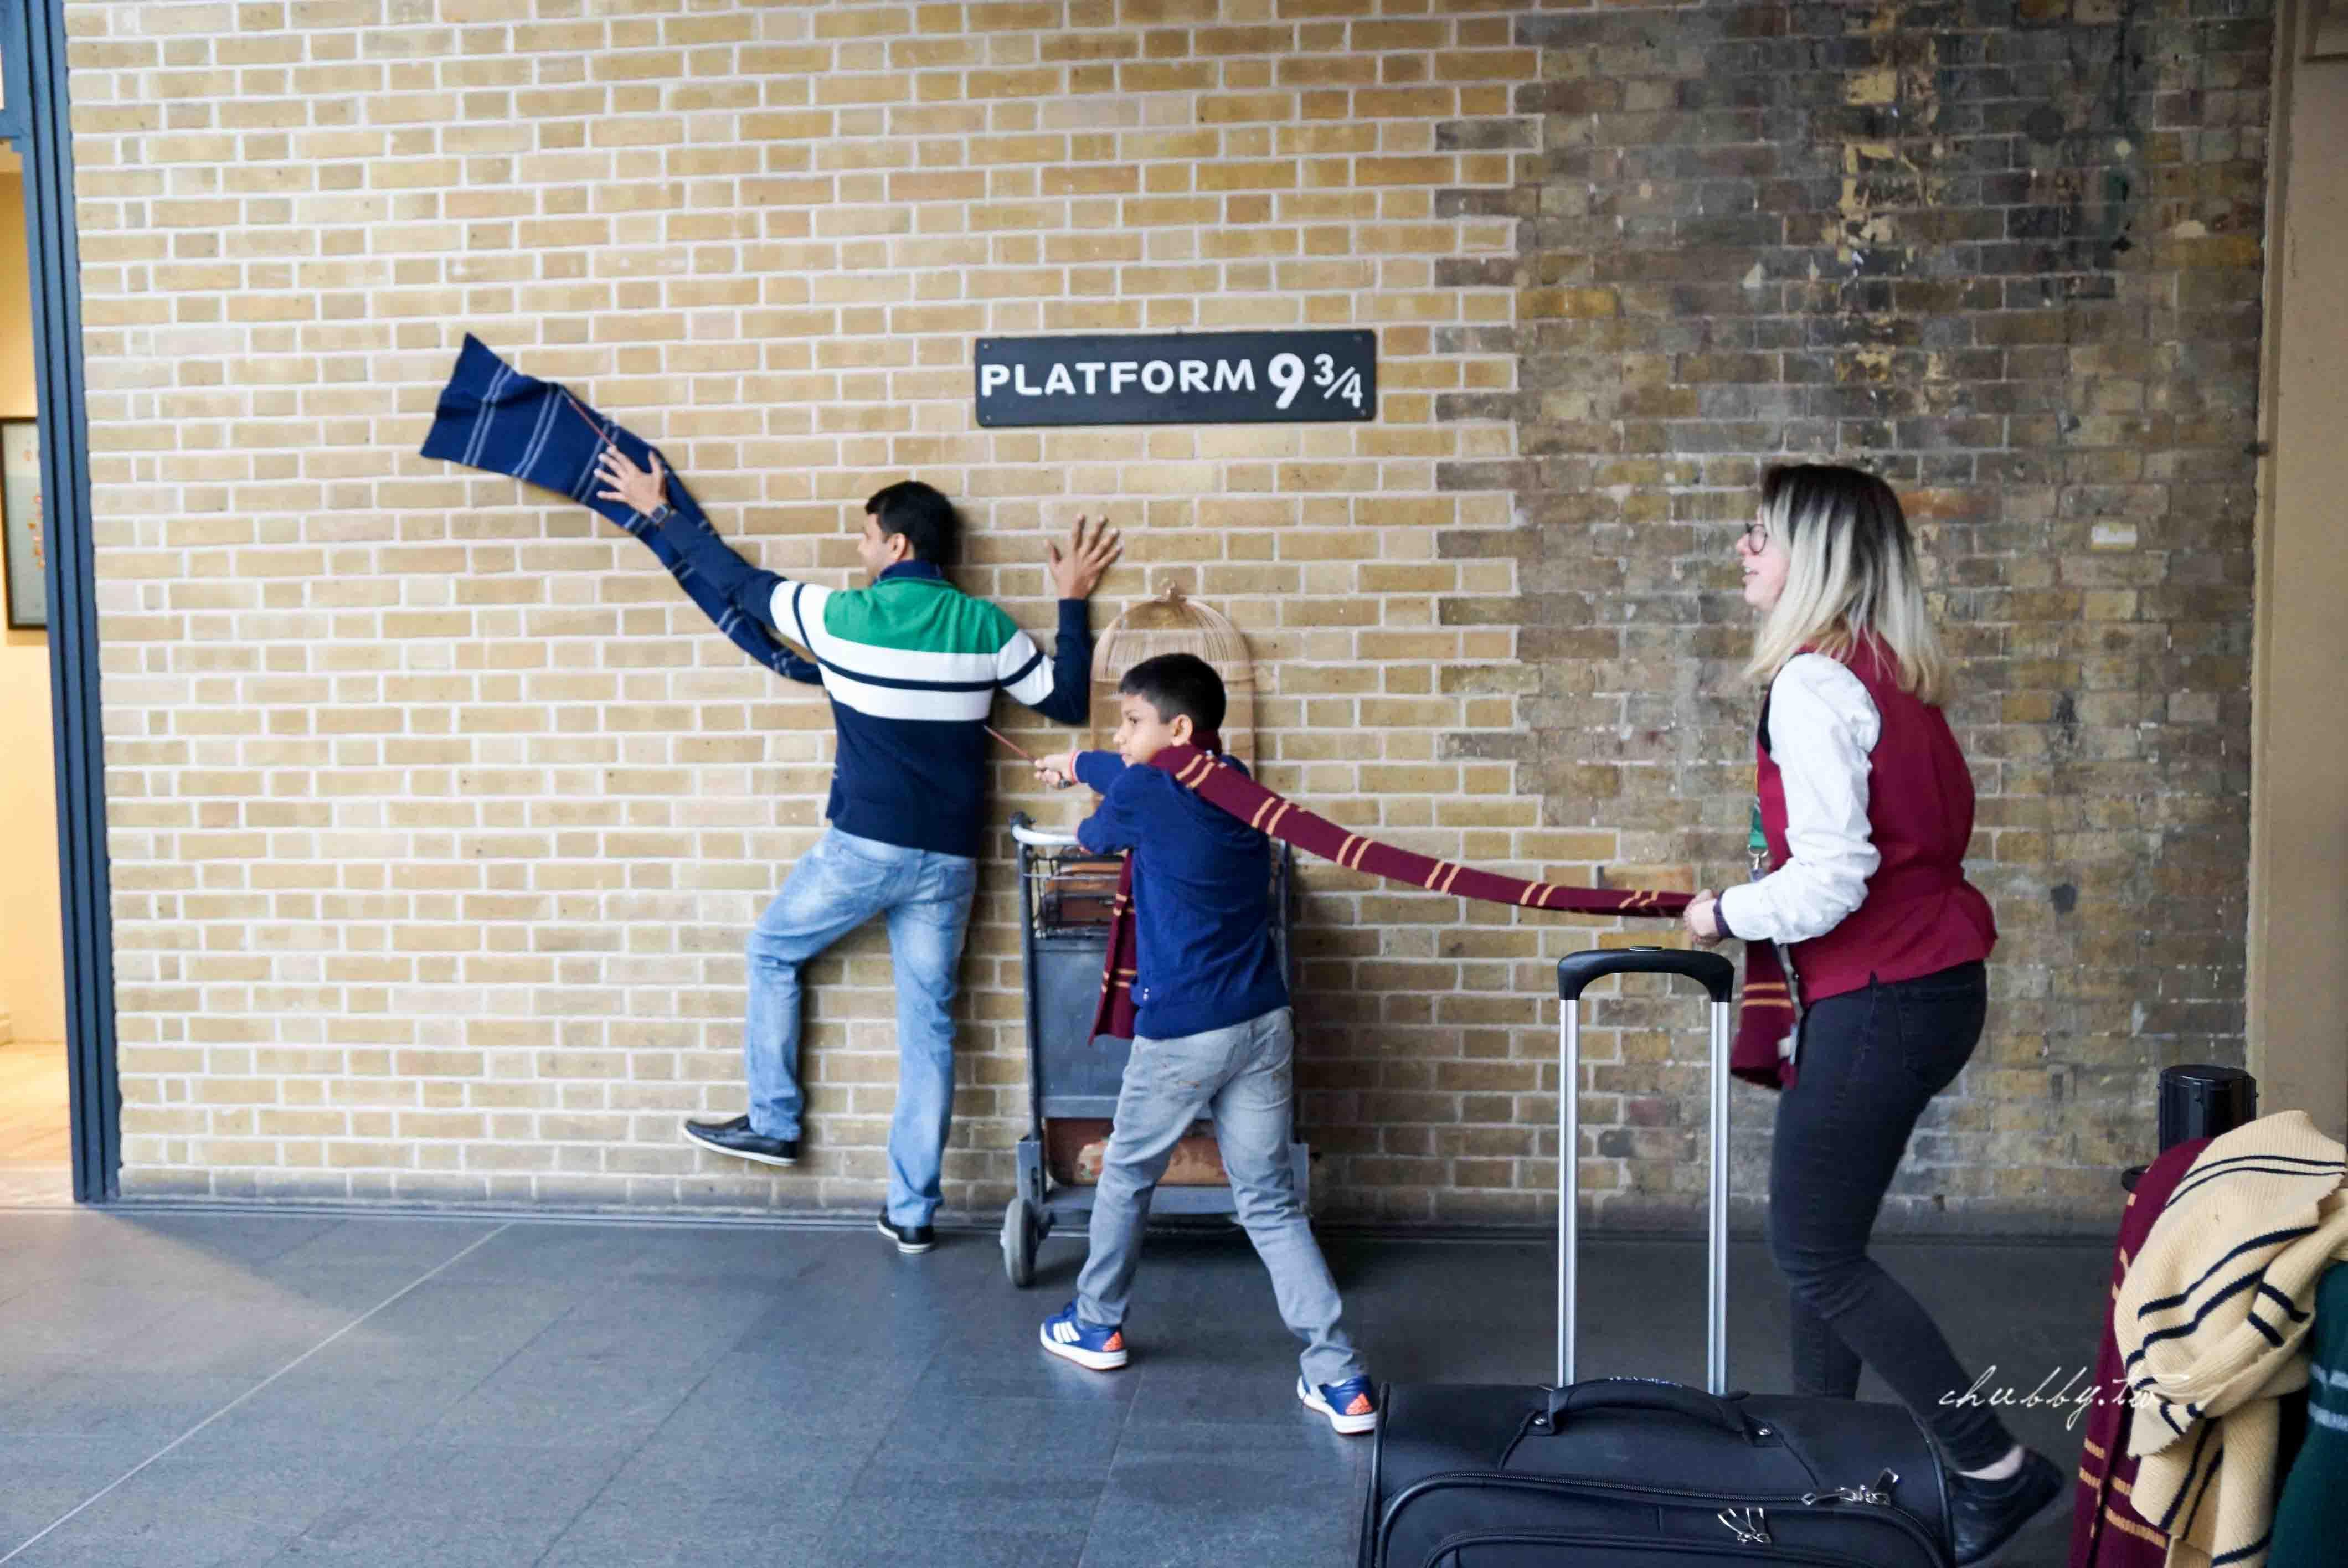 英國倫敦景點│王十字車站 哈利波特 9又3/4月台 拍攝攻略分享